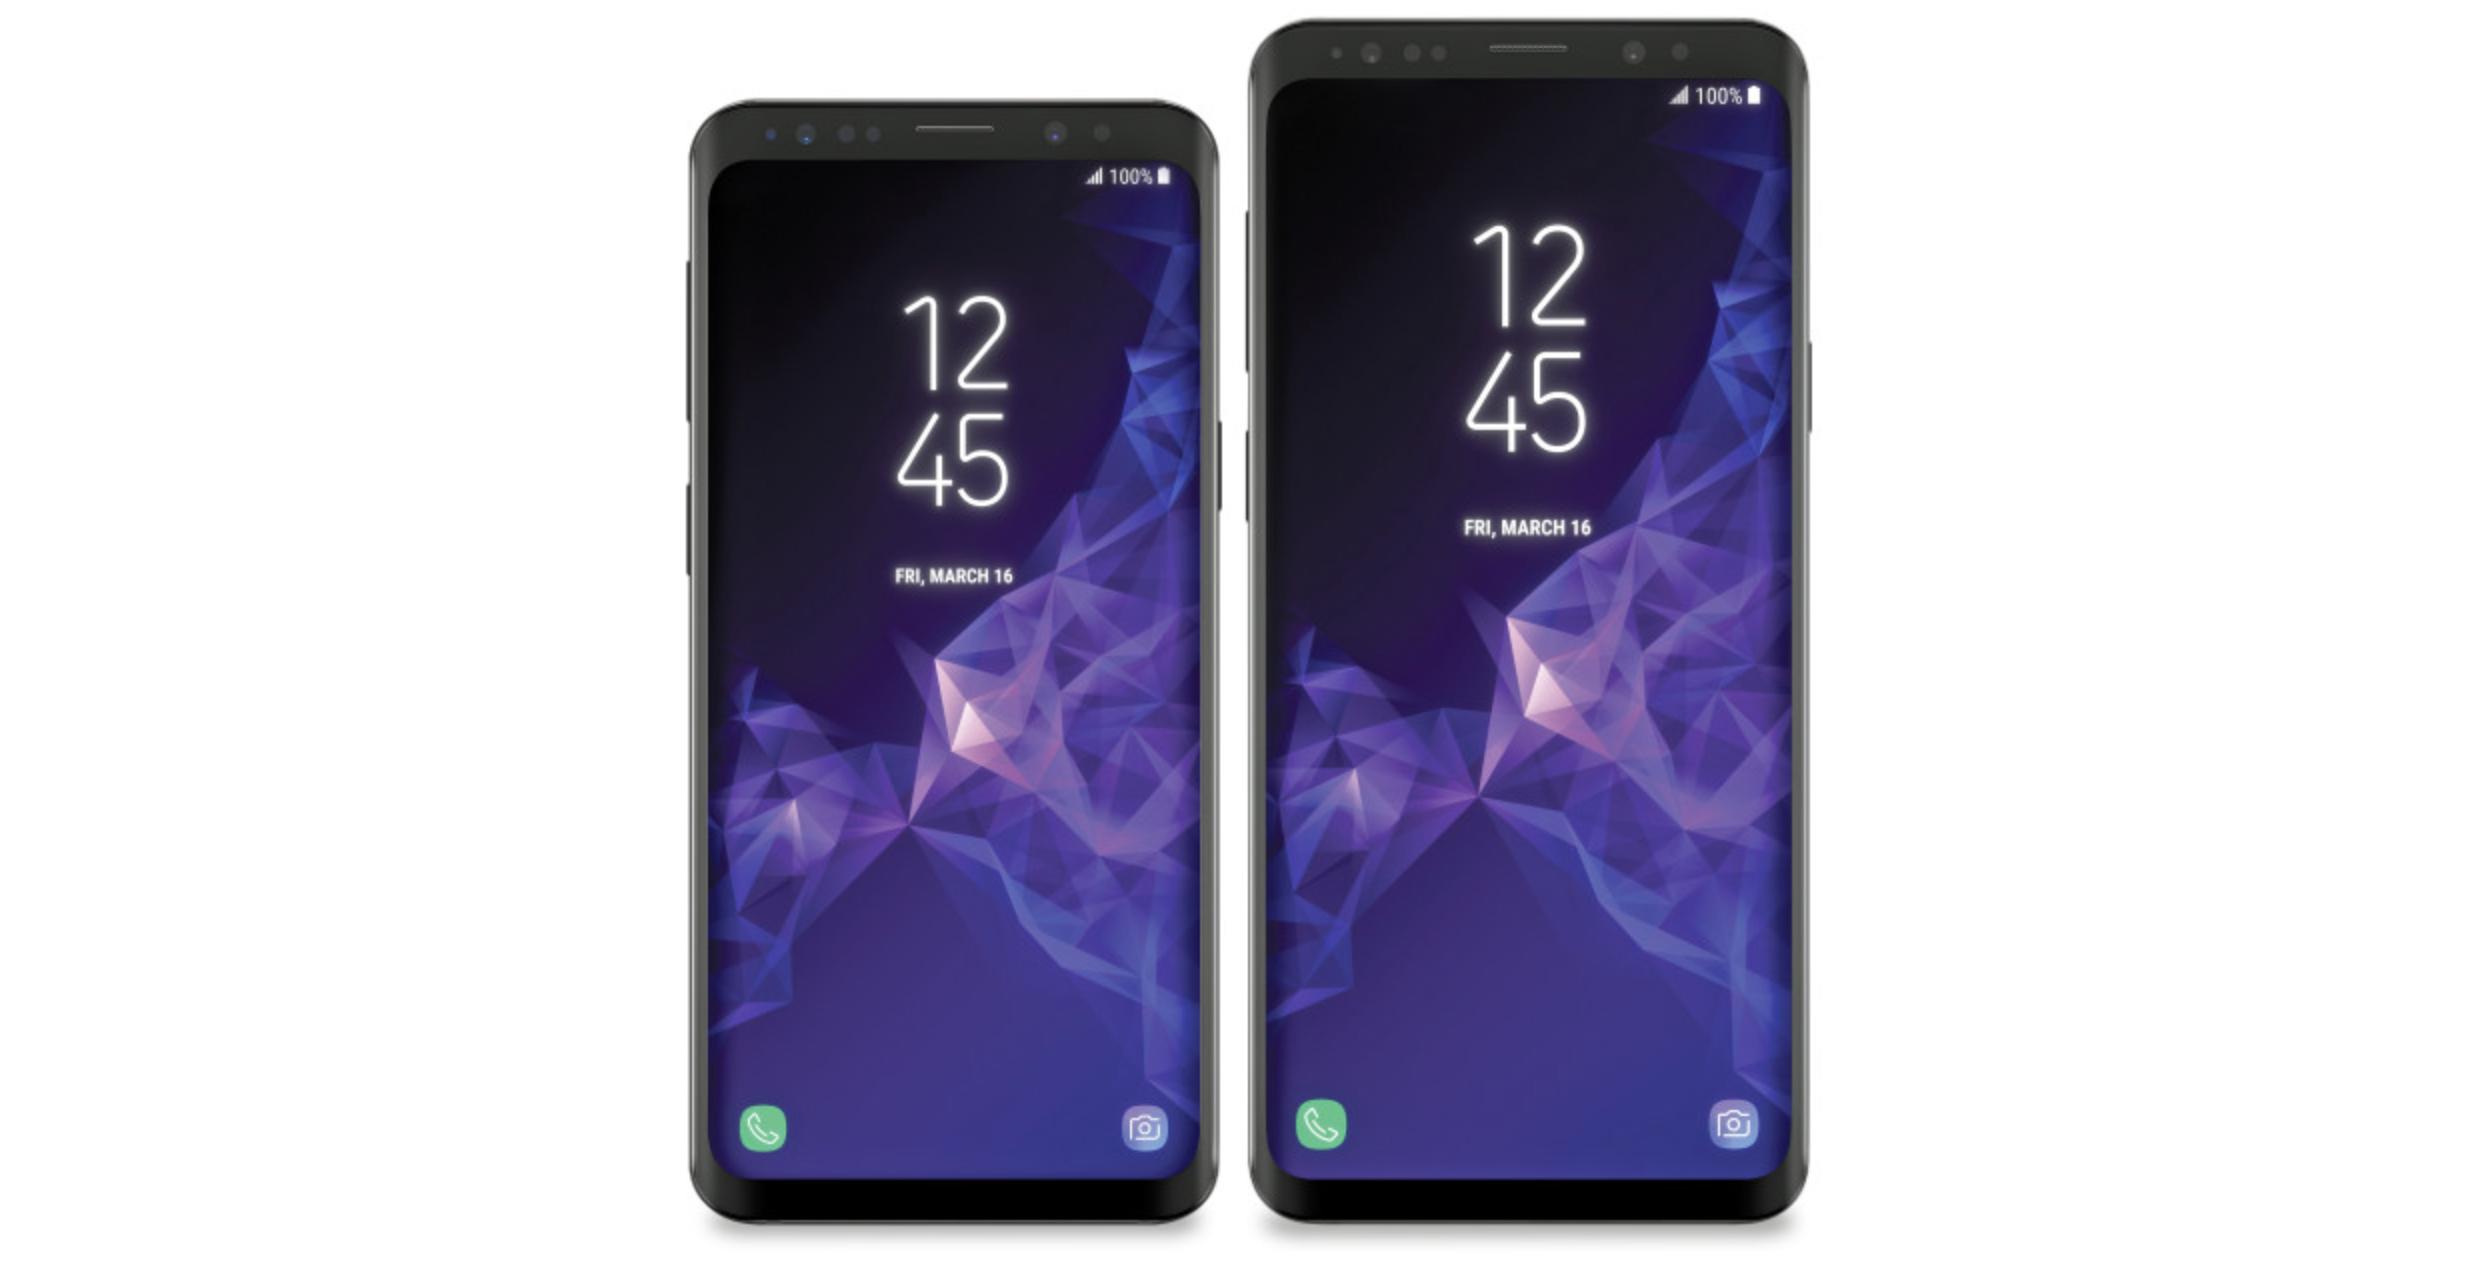 Offizielles Foto zeigt Galaxy S9 und S9+